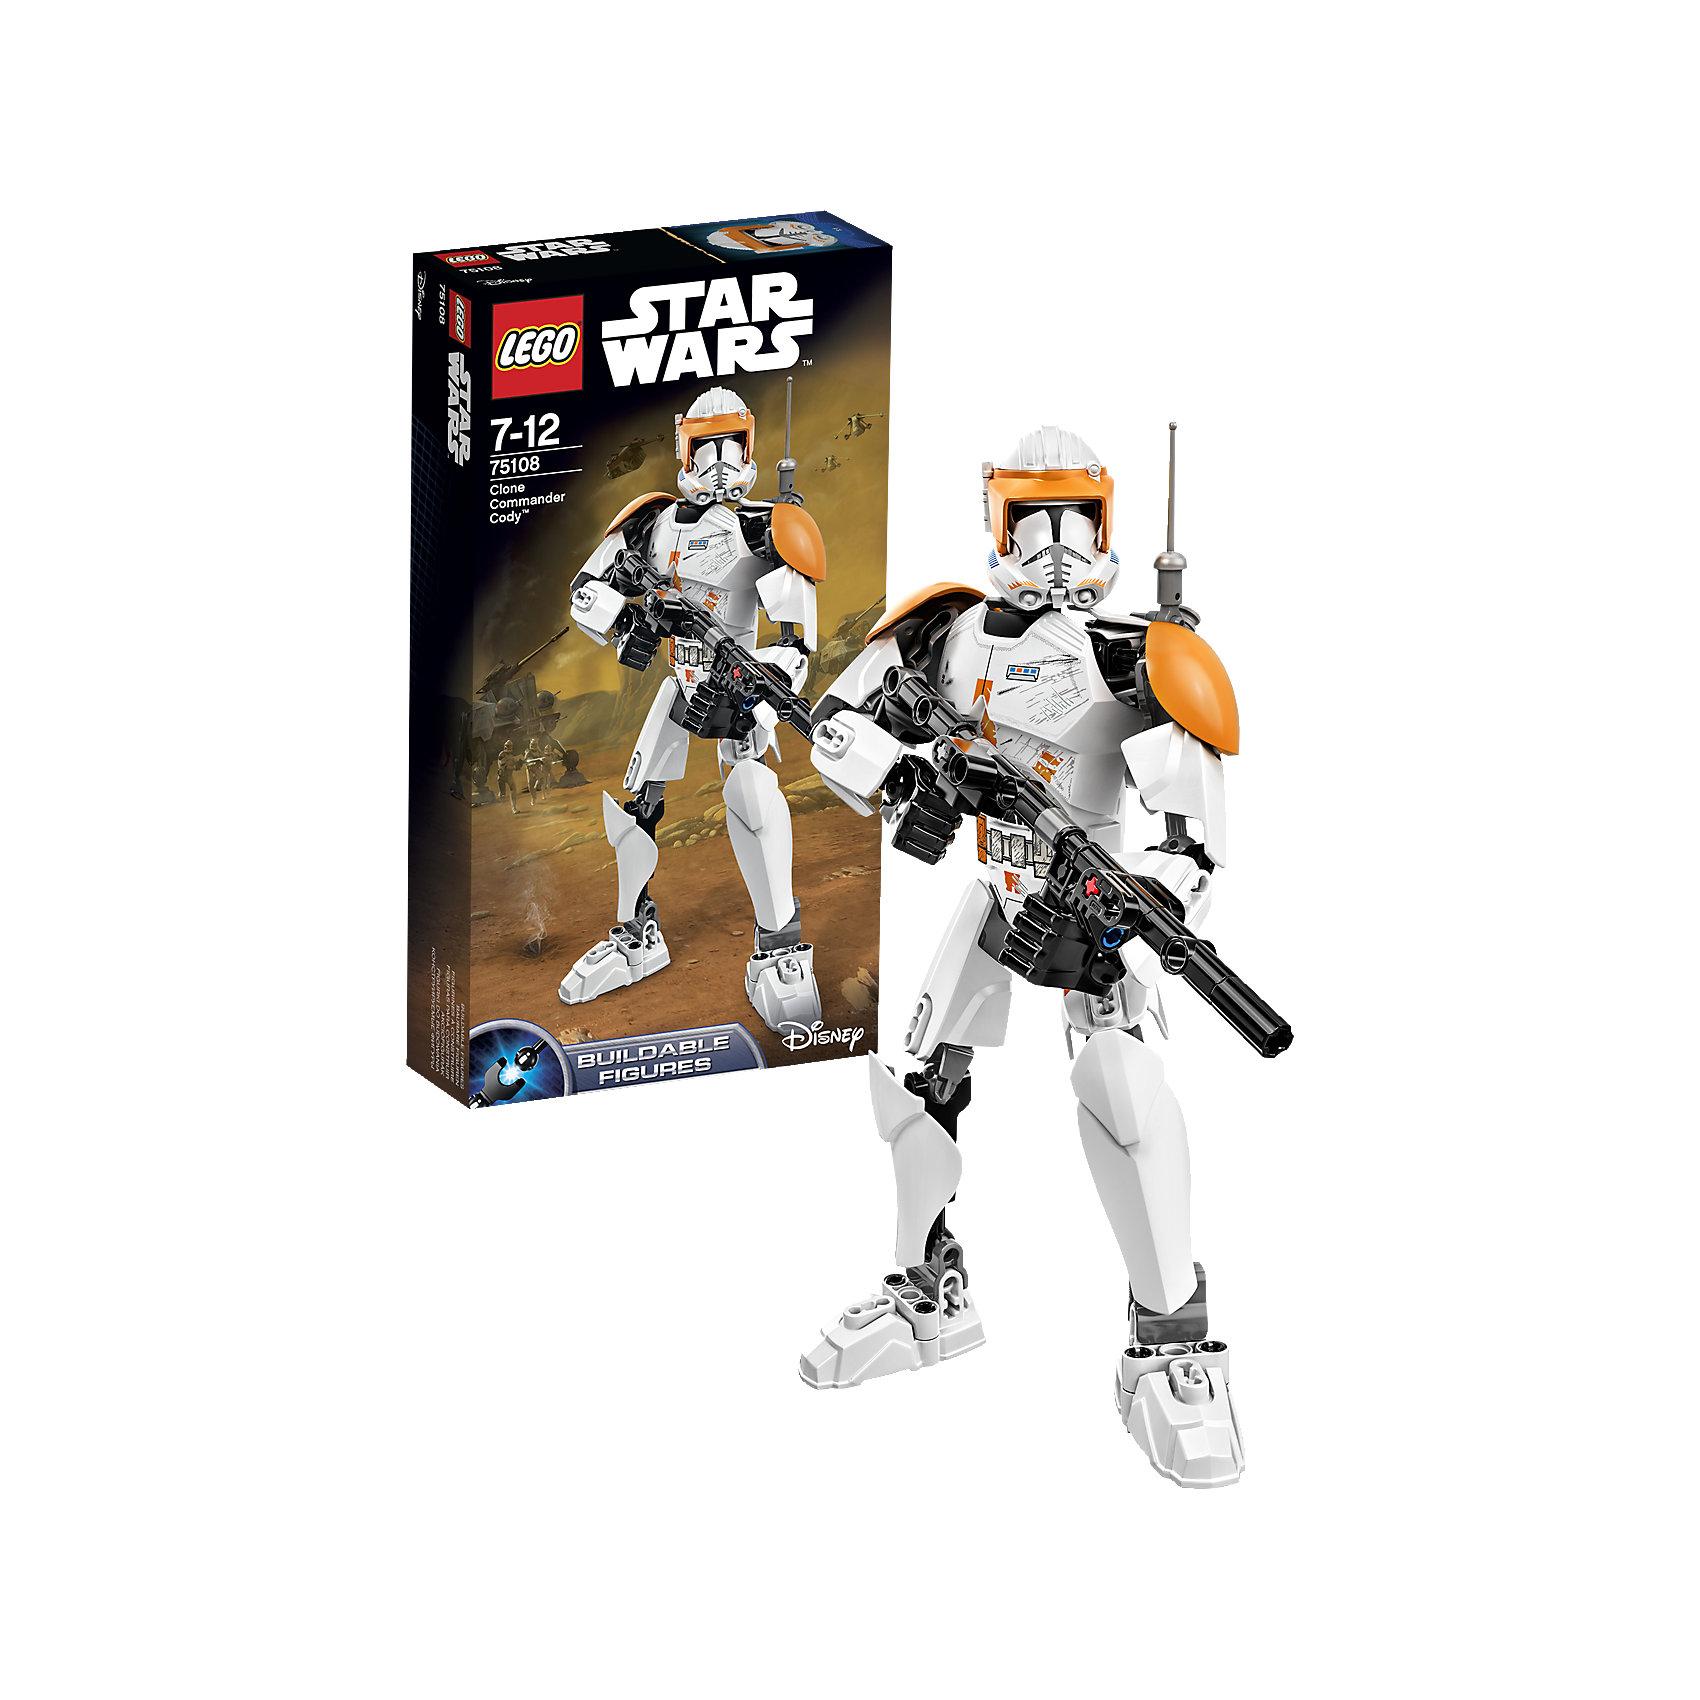 LEGO Star Wars 75108: Клон-коммандер КодиКонструктор LEGO Star Wars (ЛЕГО Звездные войны) 75108: Constraction 2 - это набор с помощью которого Вы с легкостью соберете подвижную фигурку Командира Коди. Коди был преданным и мудрым командиром. Он был отличным стратегом и отлично действовал в ближнем бою. Для Коди преданность Республики была важнее всего. Он как всегда в доспехах и отлично вооружен. Собери все фигурки и разыграй знаменитые сцены из саги или почувствуй себя сценаристом и создай собственную историю знаменитого эпизода! Подключайте фантазию и Вам никогда не будет скучно в компании LEGO (ЛЕГО)! <br><br>LEGO Star Wars (ЛЕГО Звездные войны) – это тематическая серия детских развивающих конструкторов по мотивам приключенческого мультфильма 2014 года «Звездные войны: Повстанцы». Ребенок сможет часами играть с конструктором, придумывая различные ситуации и истории из любимого мультфильма. В процессе игры с конструктором дети приобретают и постигают такие необходимые навыки как познание, творчество, воображение. Большое количество дополнительных элементов делает игровые сюжеты по-настоящему захватывающими и реалистичными. Все наборы ЛЕГО Звездные Войны соответствуют самым высоким европейским стандартам качества и абсолютно безопасны.<br><br>Дополнительная информация:<br><br>- Игра с конструктором  LEGO (ЛЕГО) развивает мелкую моторику ребенка, фантазию и воображение, учит его усидчивости и внимательности;<br>- Количество деталей: 82 шт;<br>- Подвижная фигурка с оружием;<br>- Серия: LEGO Star Wars (ЛЕГО Звездные войны);<br>- Материал: высококачественный пластик.<br><br>Конструктор LEGO Star Wars (ЛЕГО Звездные войны) 75108: Constraction 2 можно купить в нашем интернет-магазине.<br><br>Ширина мм: 265<br>Глубина мм: 144<br>Высота мм: 53<br>Вес г: 211<br>Возраст от месяцев: 84<br>Возраст до месяцев: 144<br>Пол: Мужской<br>Возраст: Детский<br>SKU: 4047417